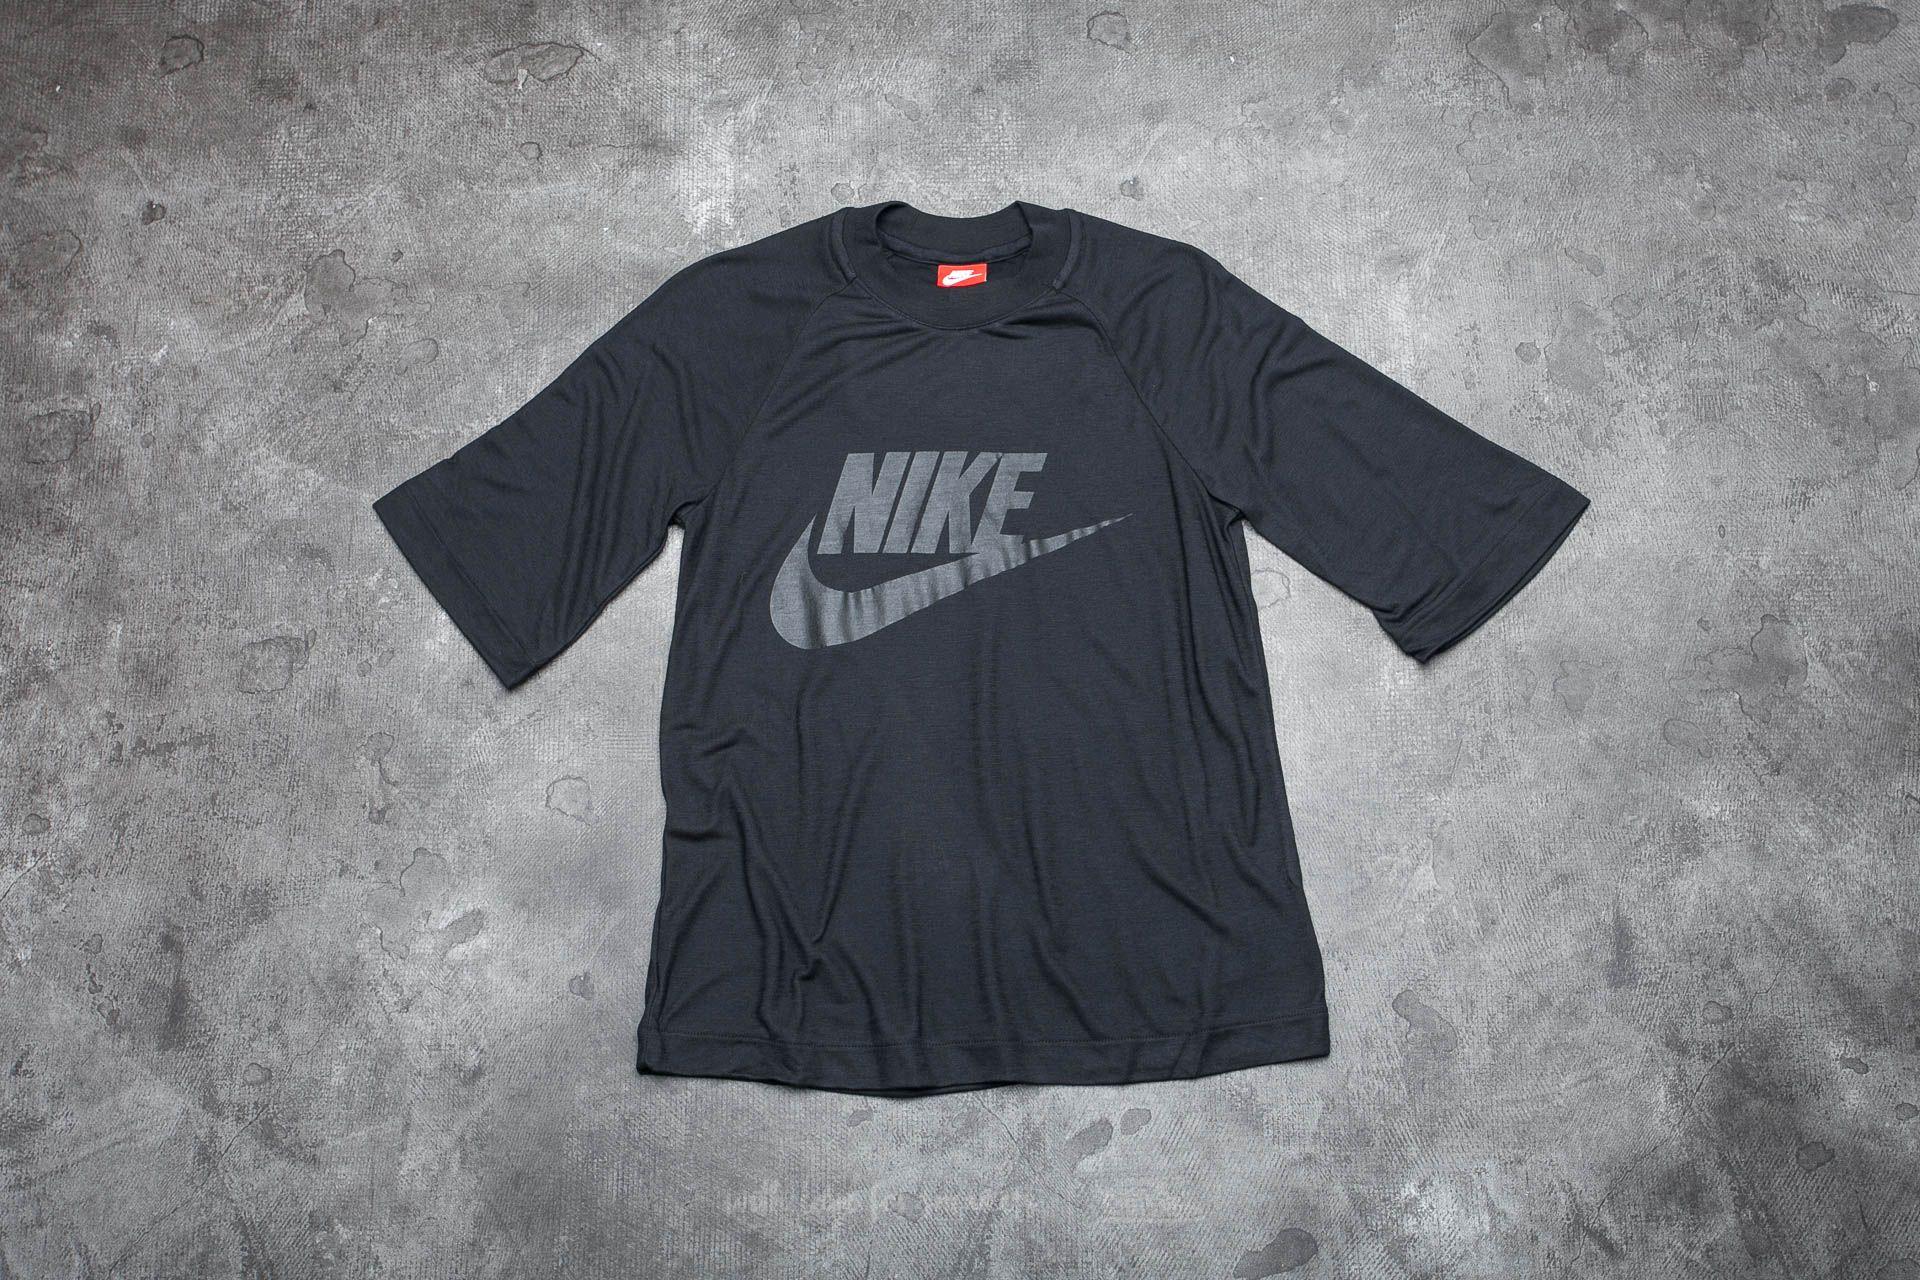 Nike Sportswear Women's 1/2 Sleeve Top Black/ Black